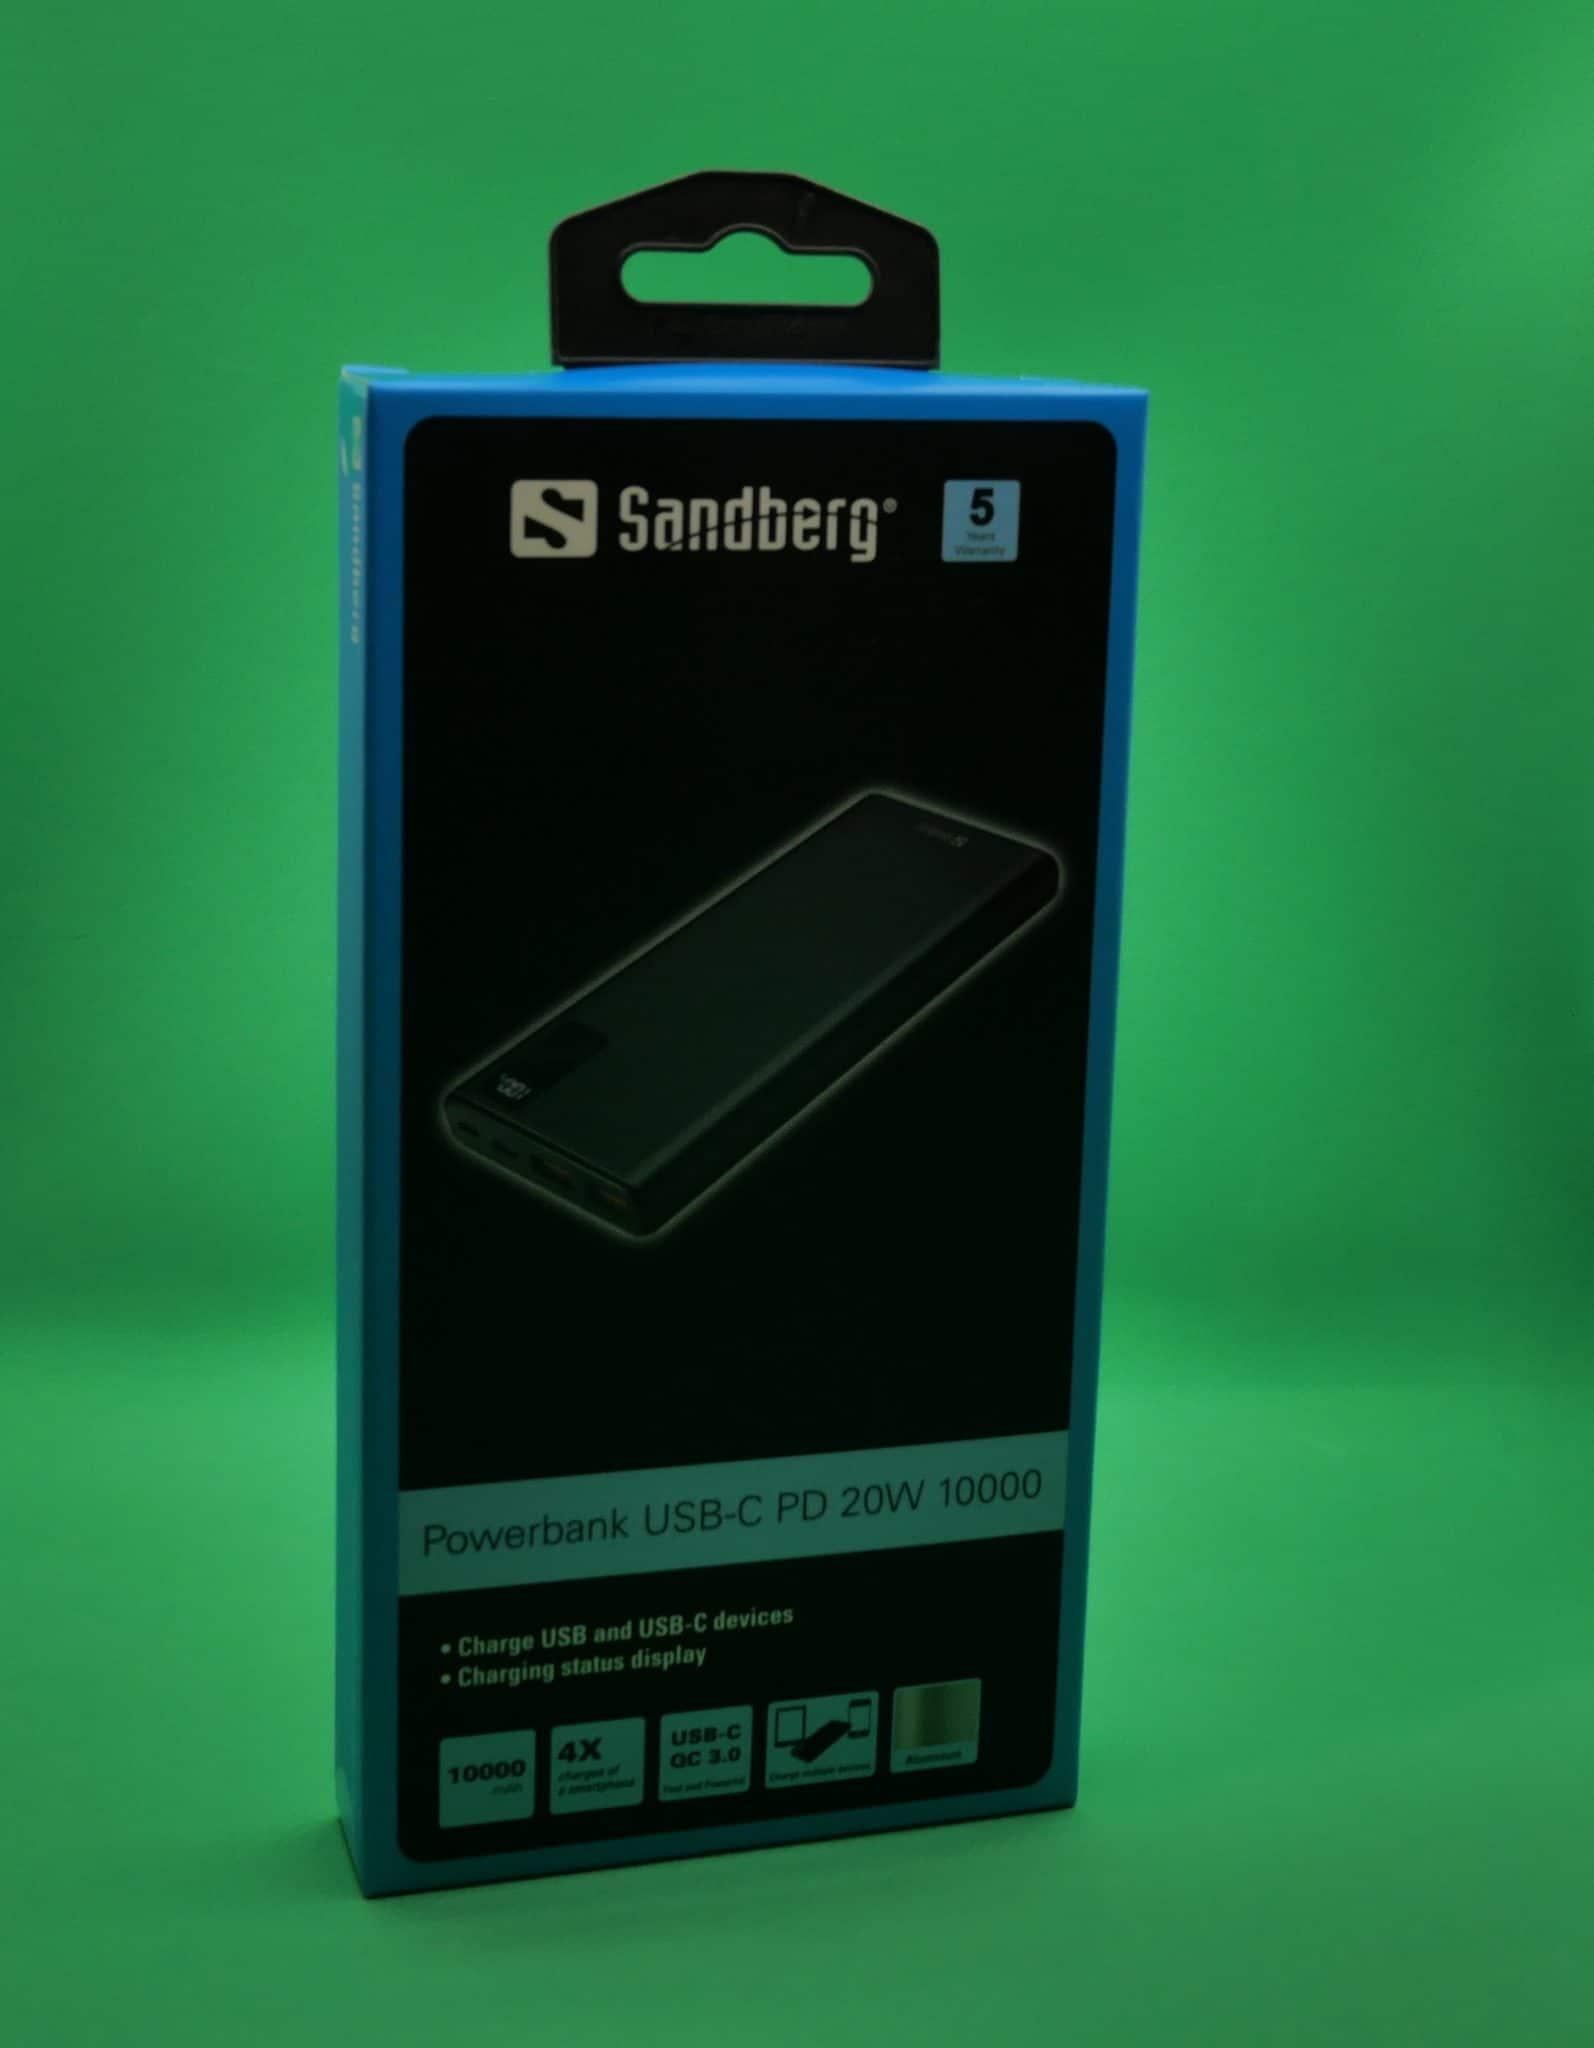 Powerbank Sandberg USB-C PD 20W 10000 confezIone